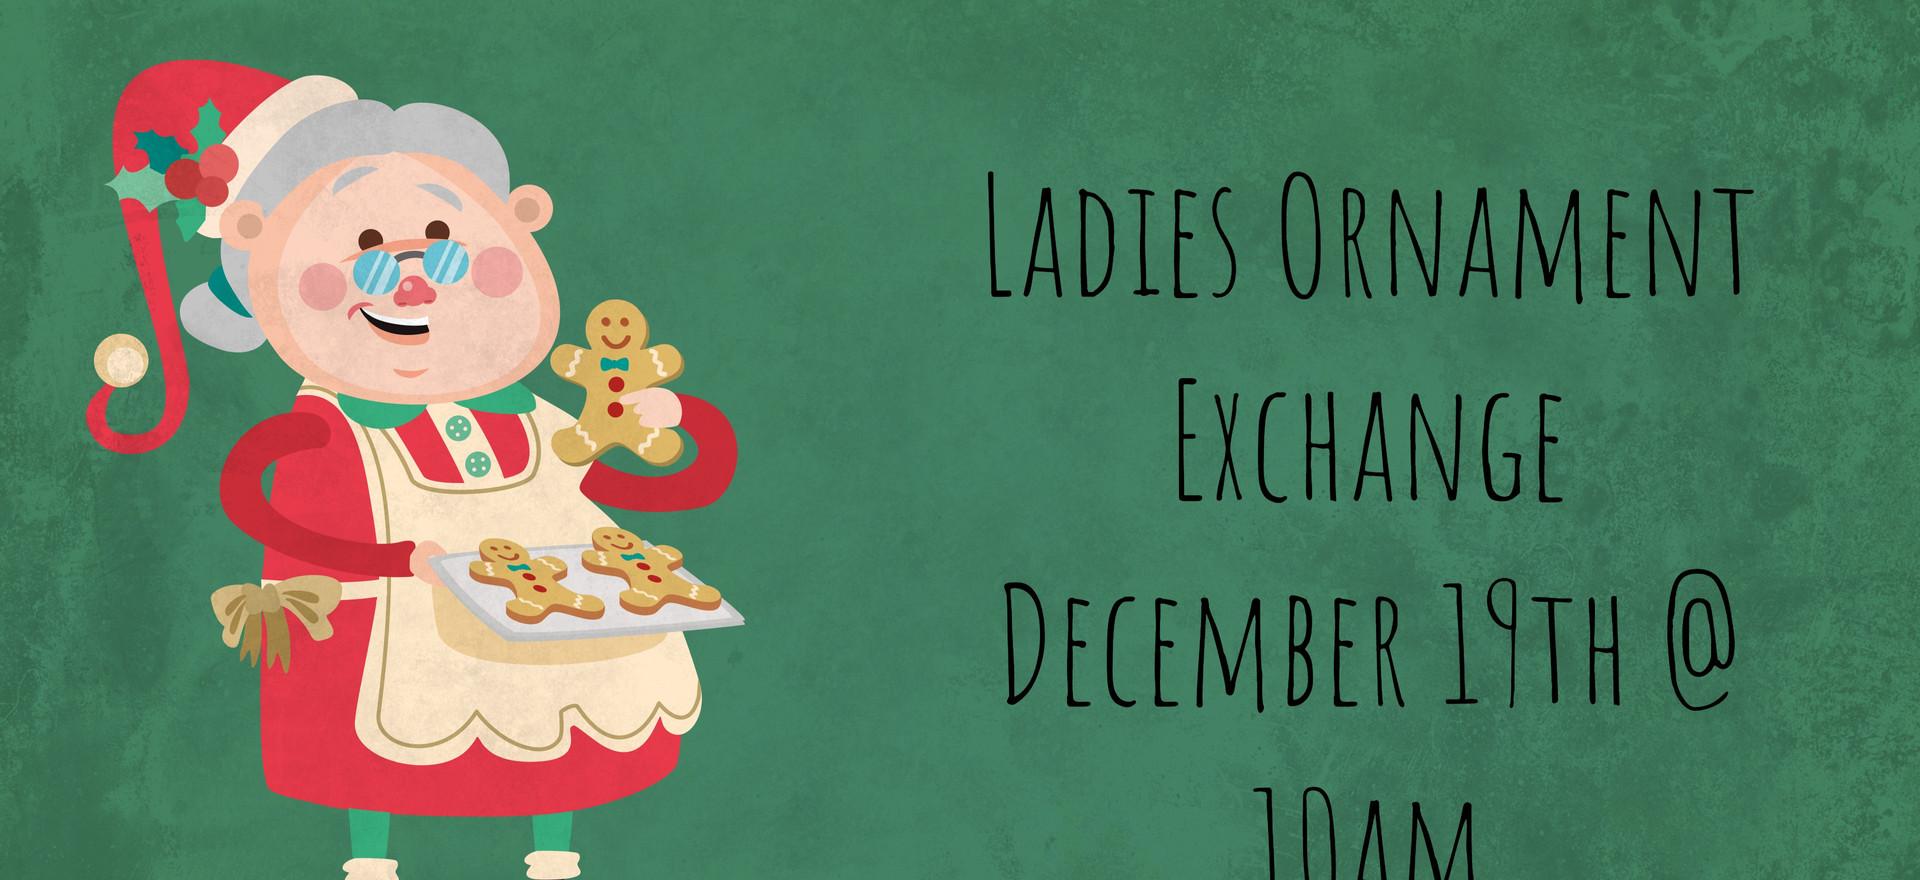 Ladies Ornament Exchange